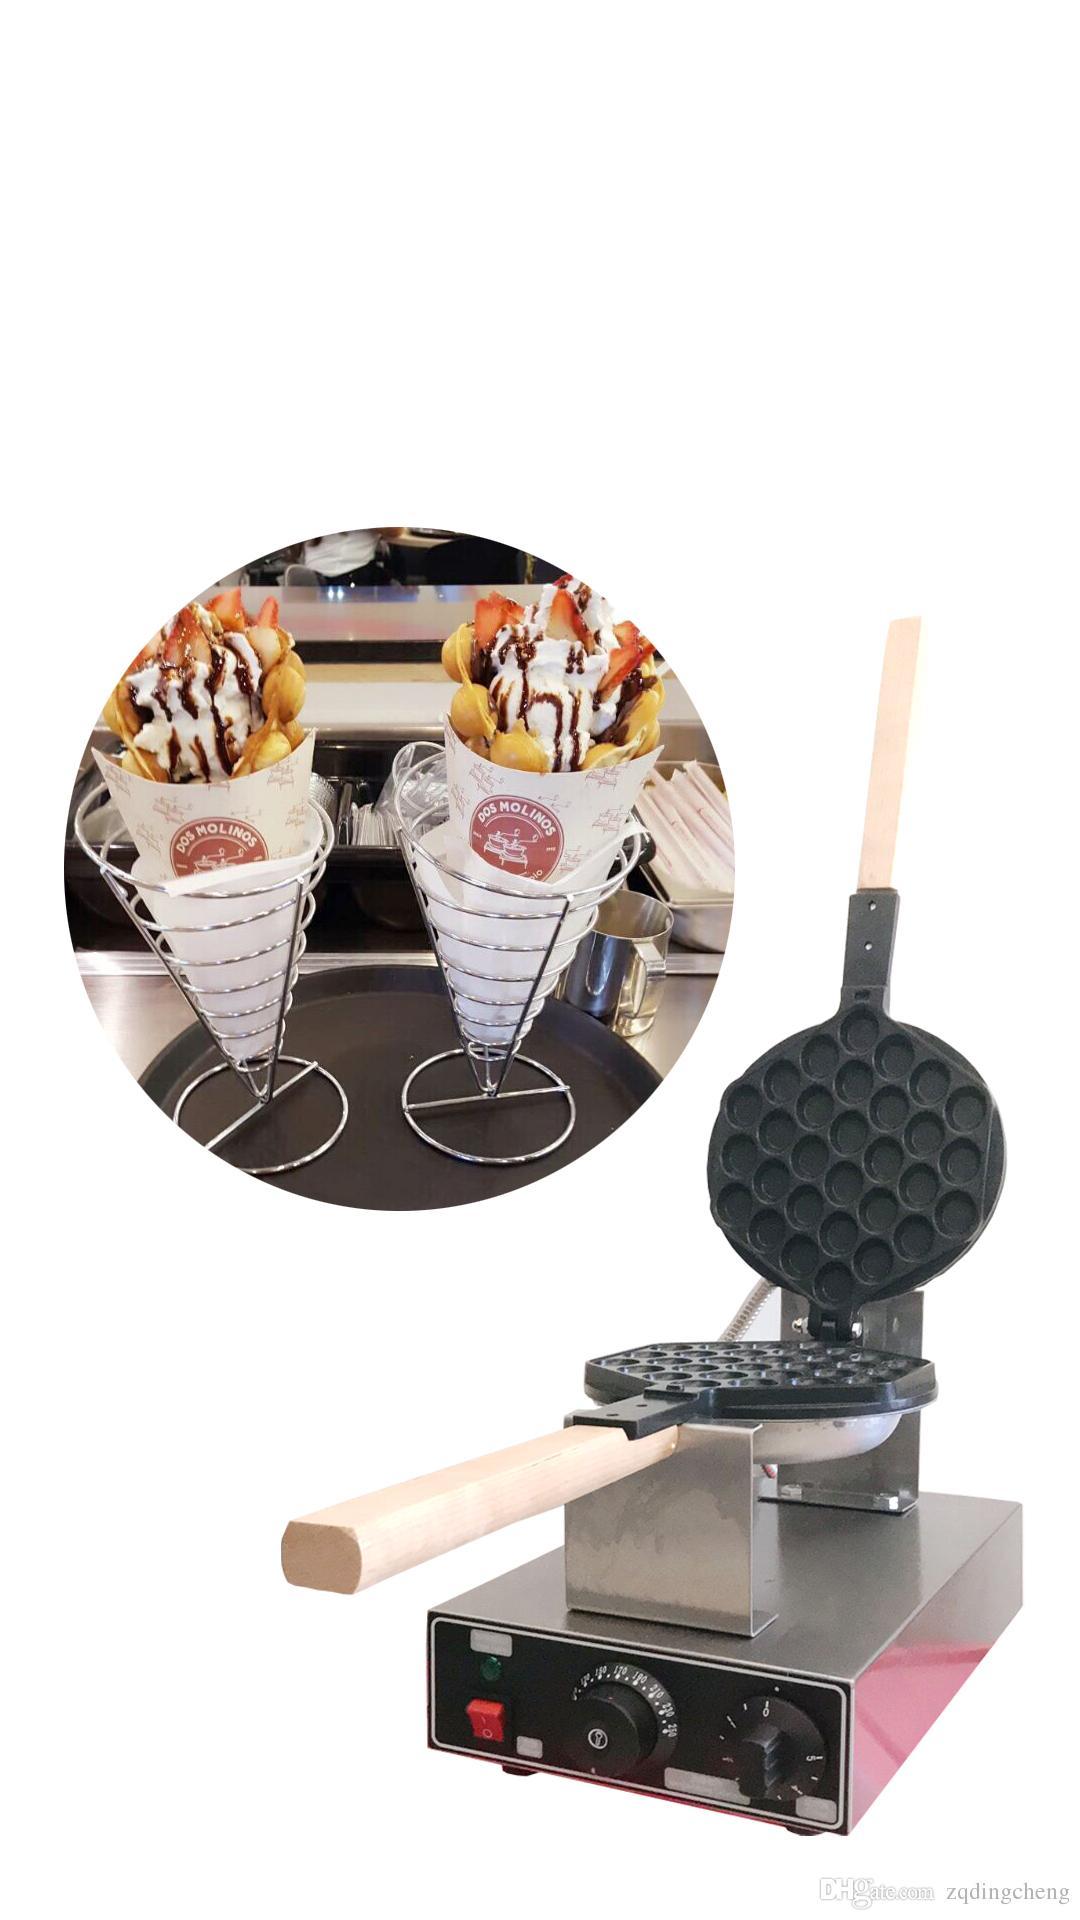 Gratis frakt ~ Köp maskin Få 6 presenter !! Högkvalitativ ny Kina Design Electric Egg Waffle Maker